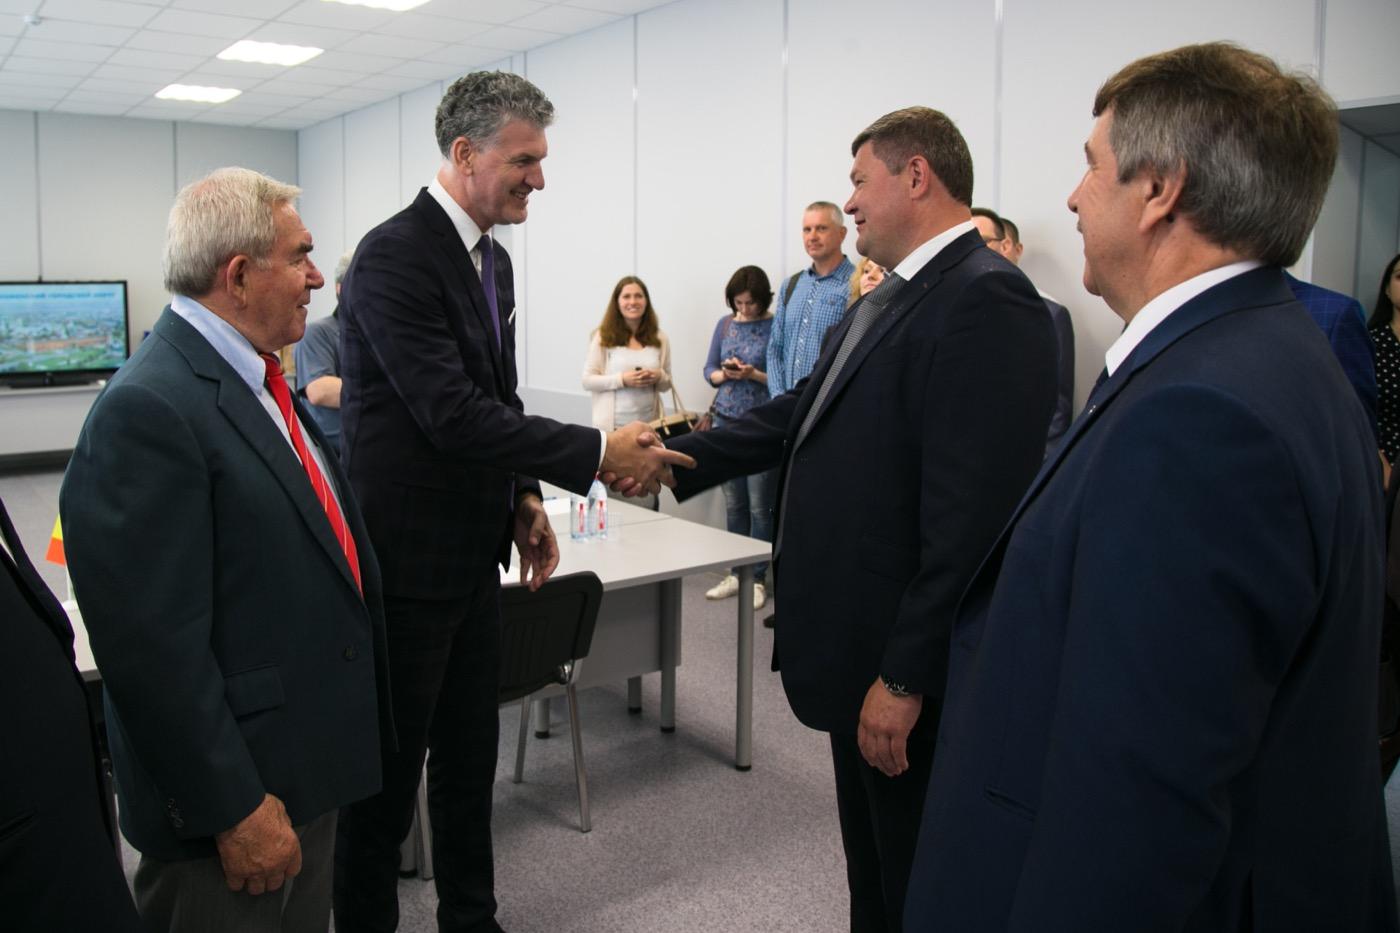 У Коломенского городского округа появился город-побратим в Румынии – Нэводари